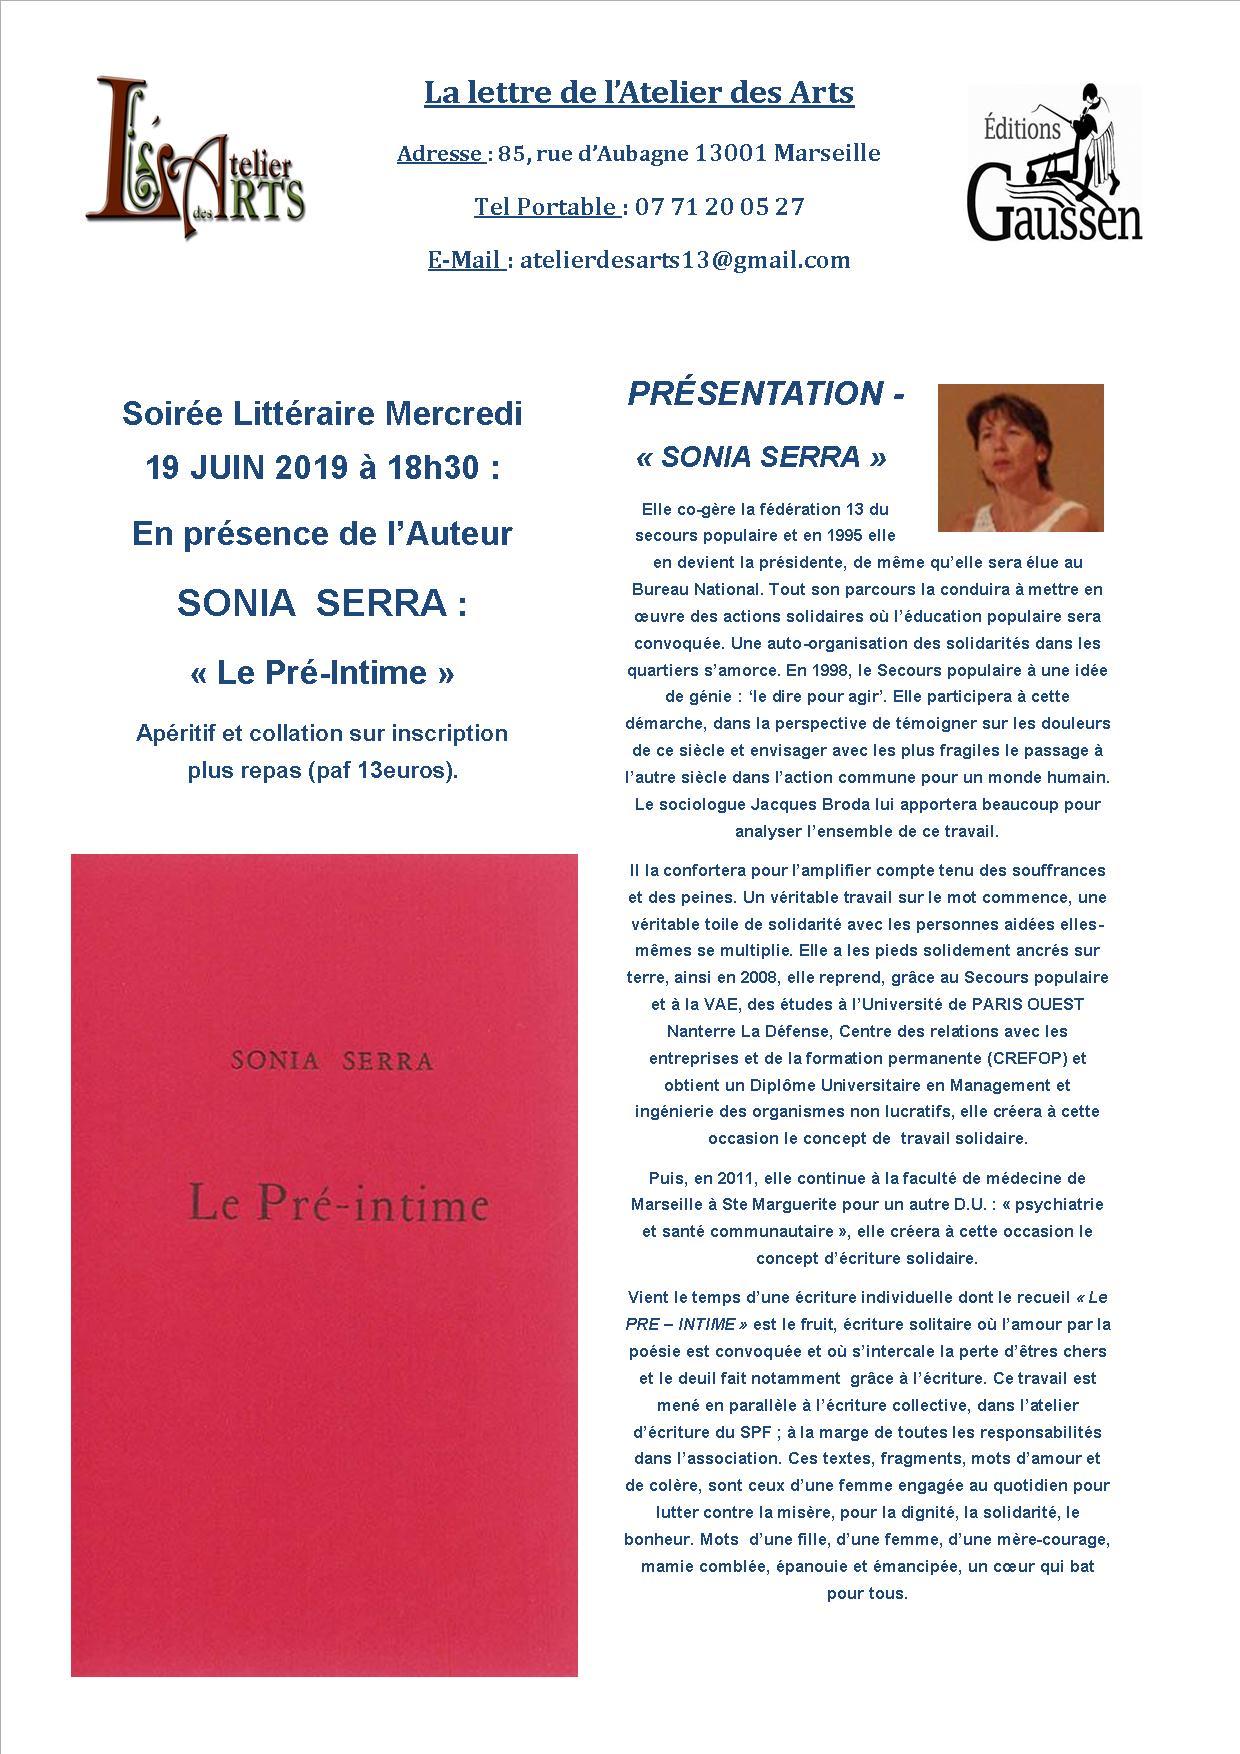 (3) Soirée littéraire « Le Pré-intime » Poésie de  Sonia SERRA : Le public sous le charme à la Galerie de l'Atelier des ARTS ce mercredi soir